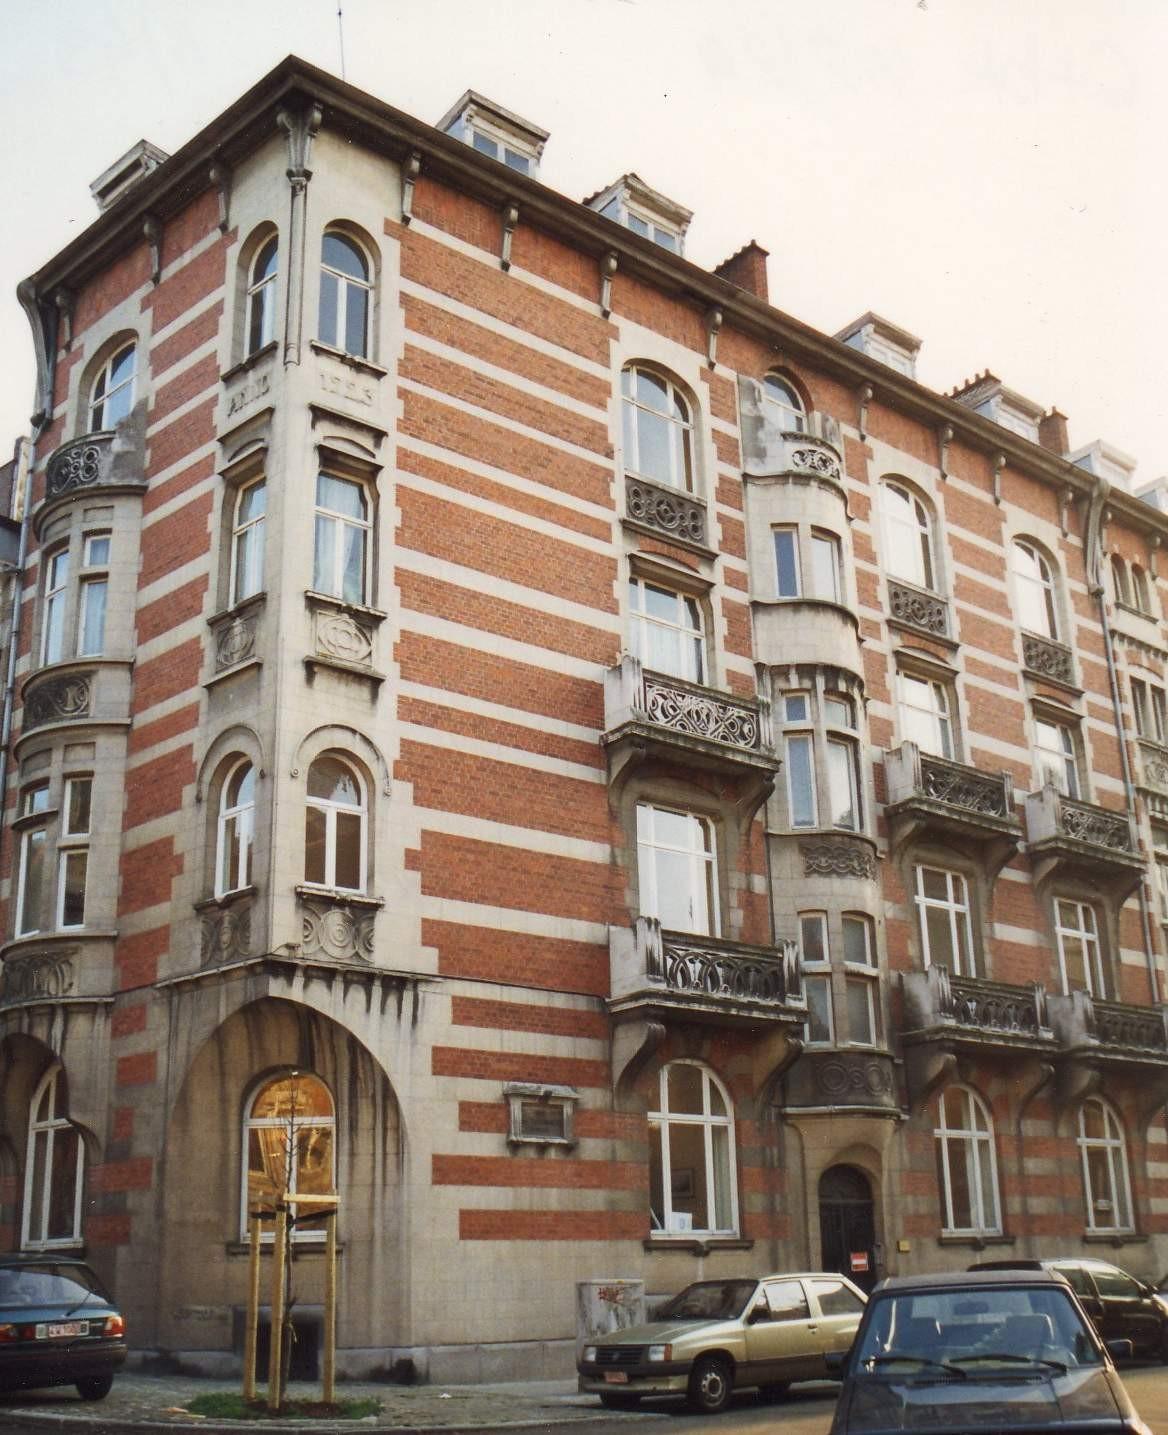 Rue des Taxandres 2 et 4 au coin de la rue des Aduatiques., 1993